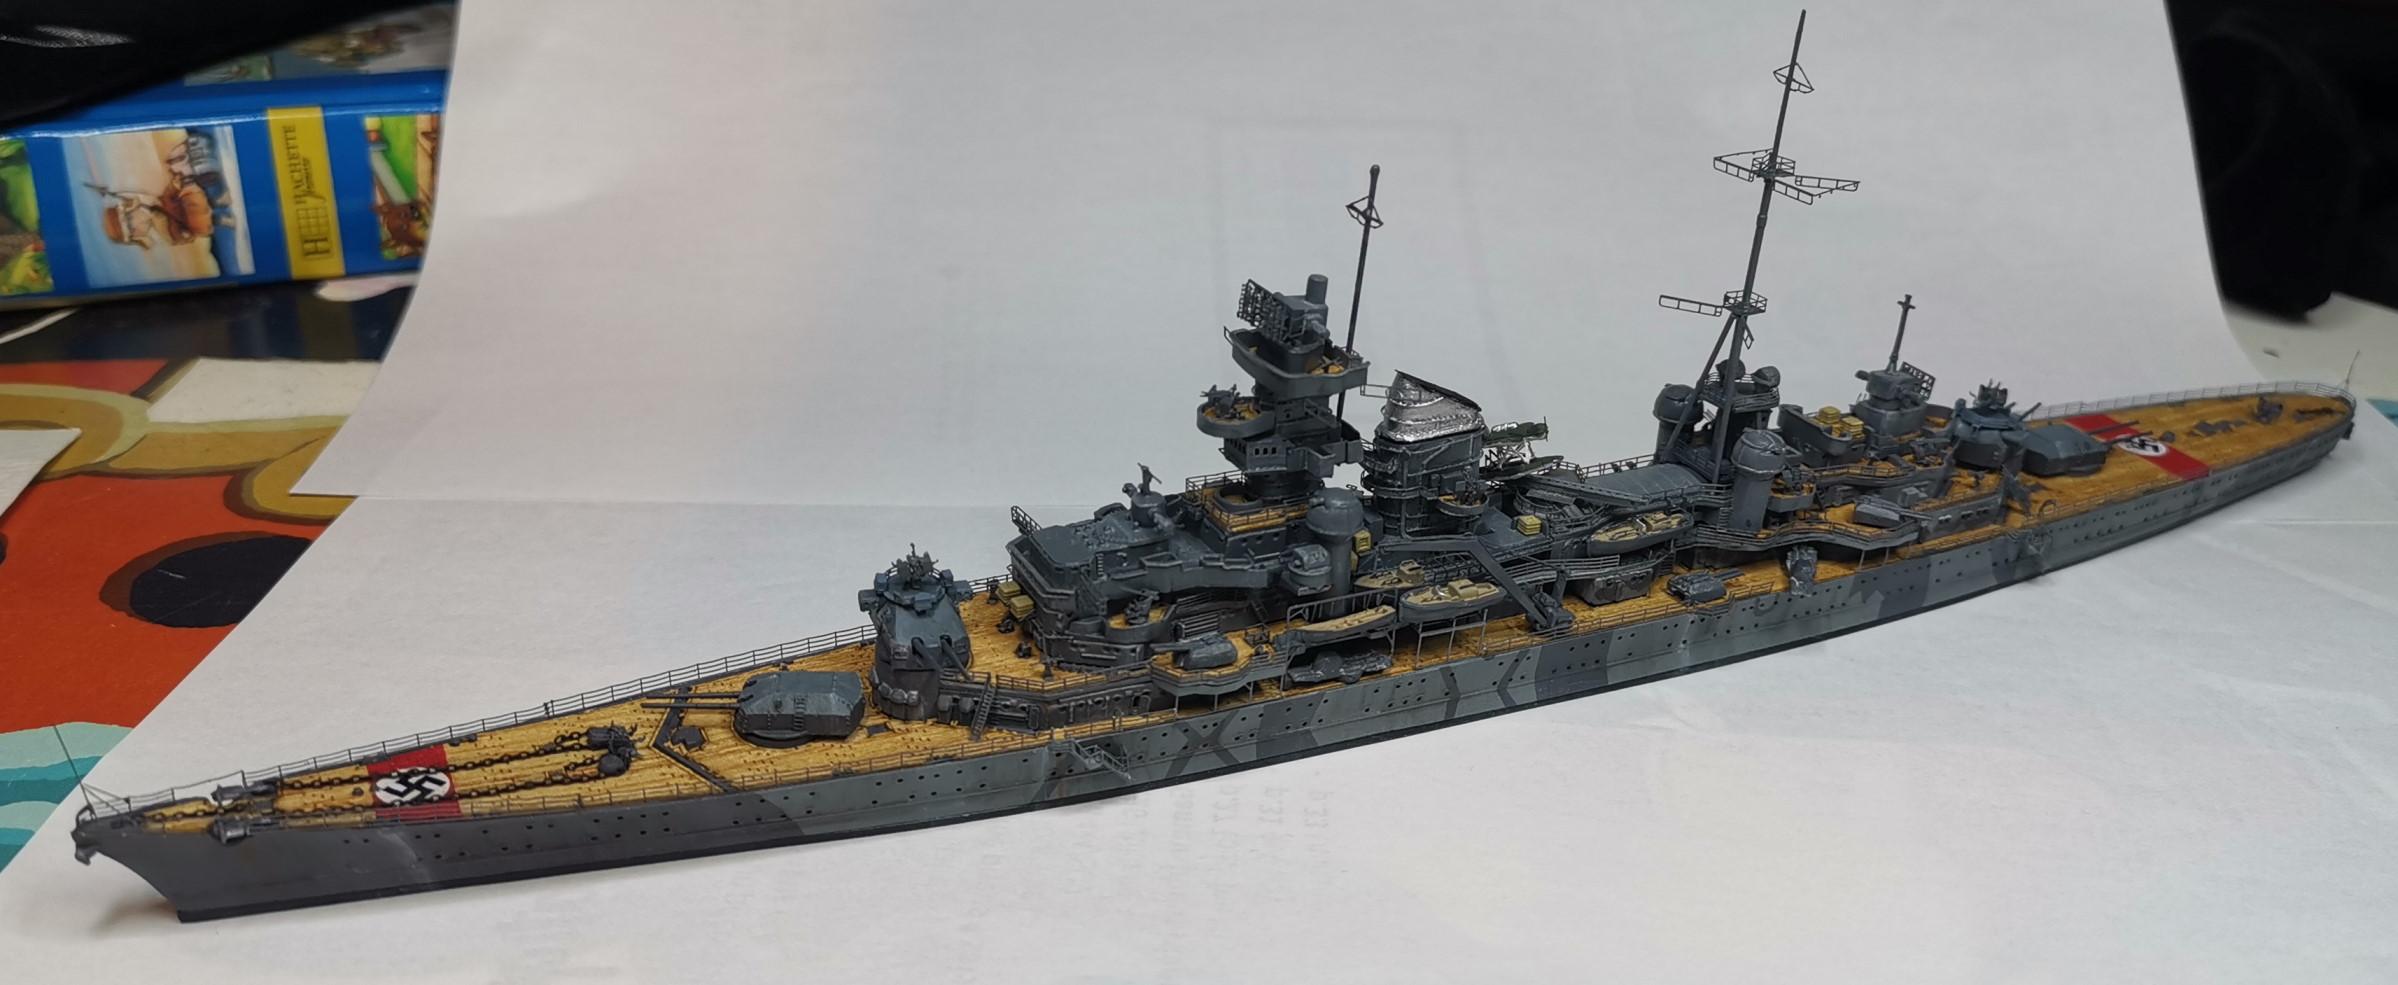 [TERMINE] Croiseur Prinz Eugen Trumpeter 1/700e, PE Flyhawk, pont en bois - Page 7 20200618